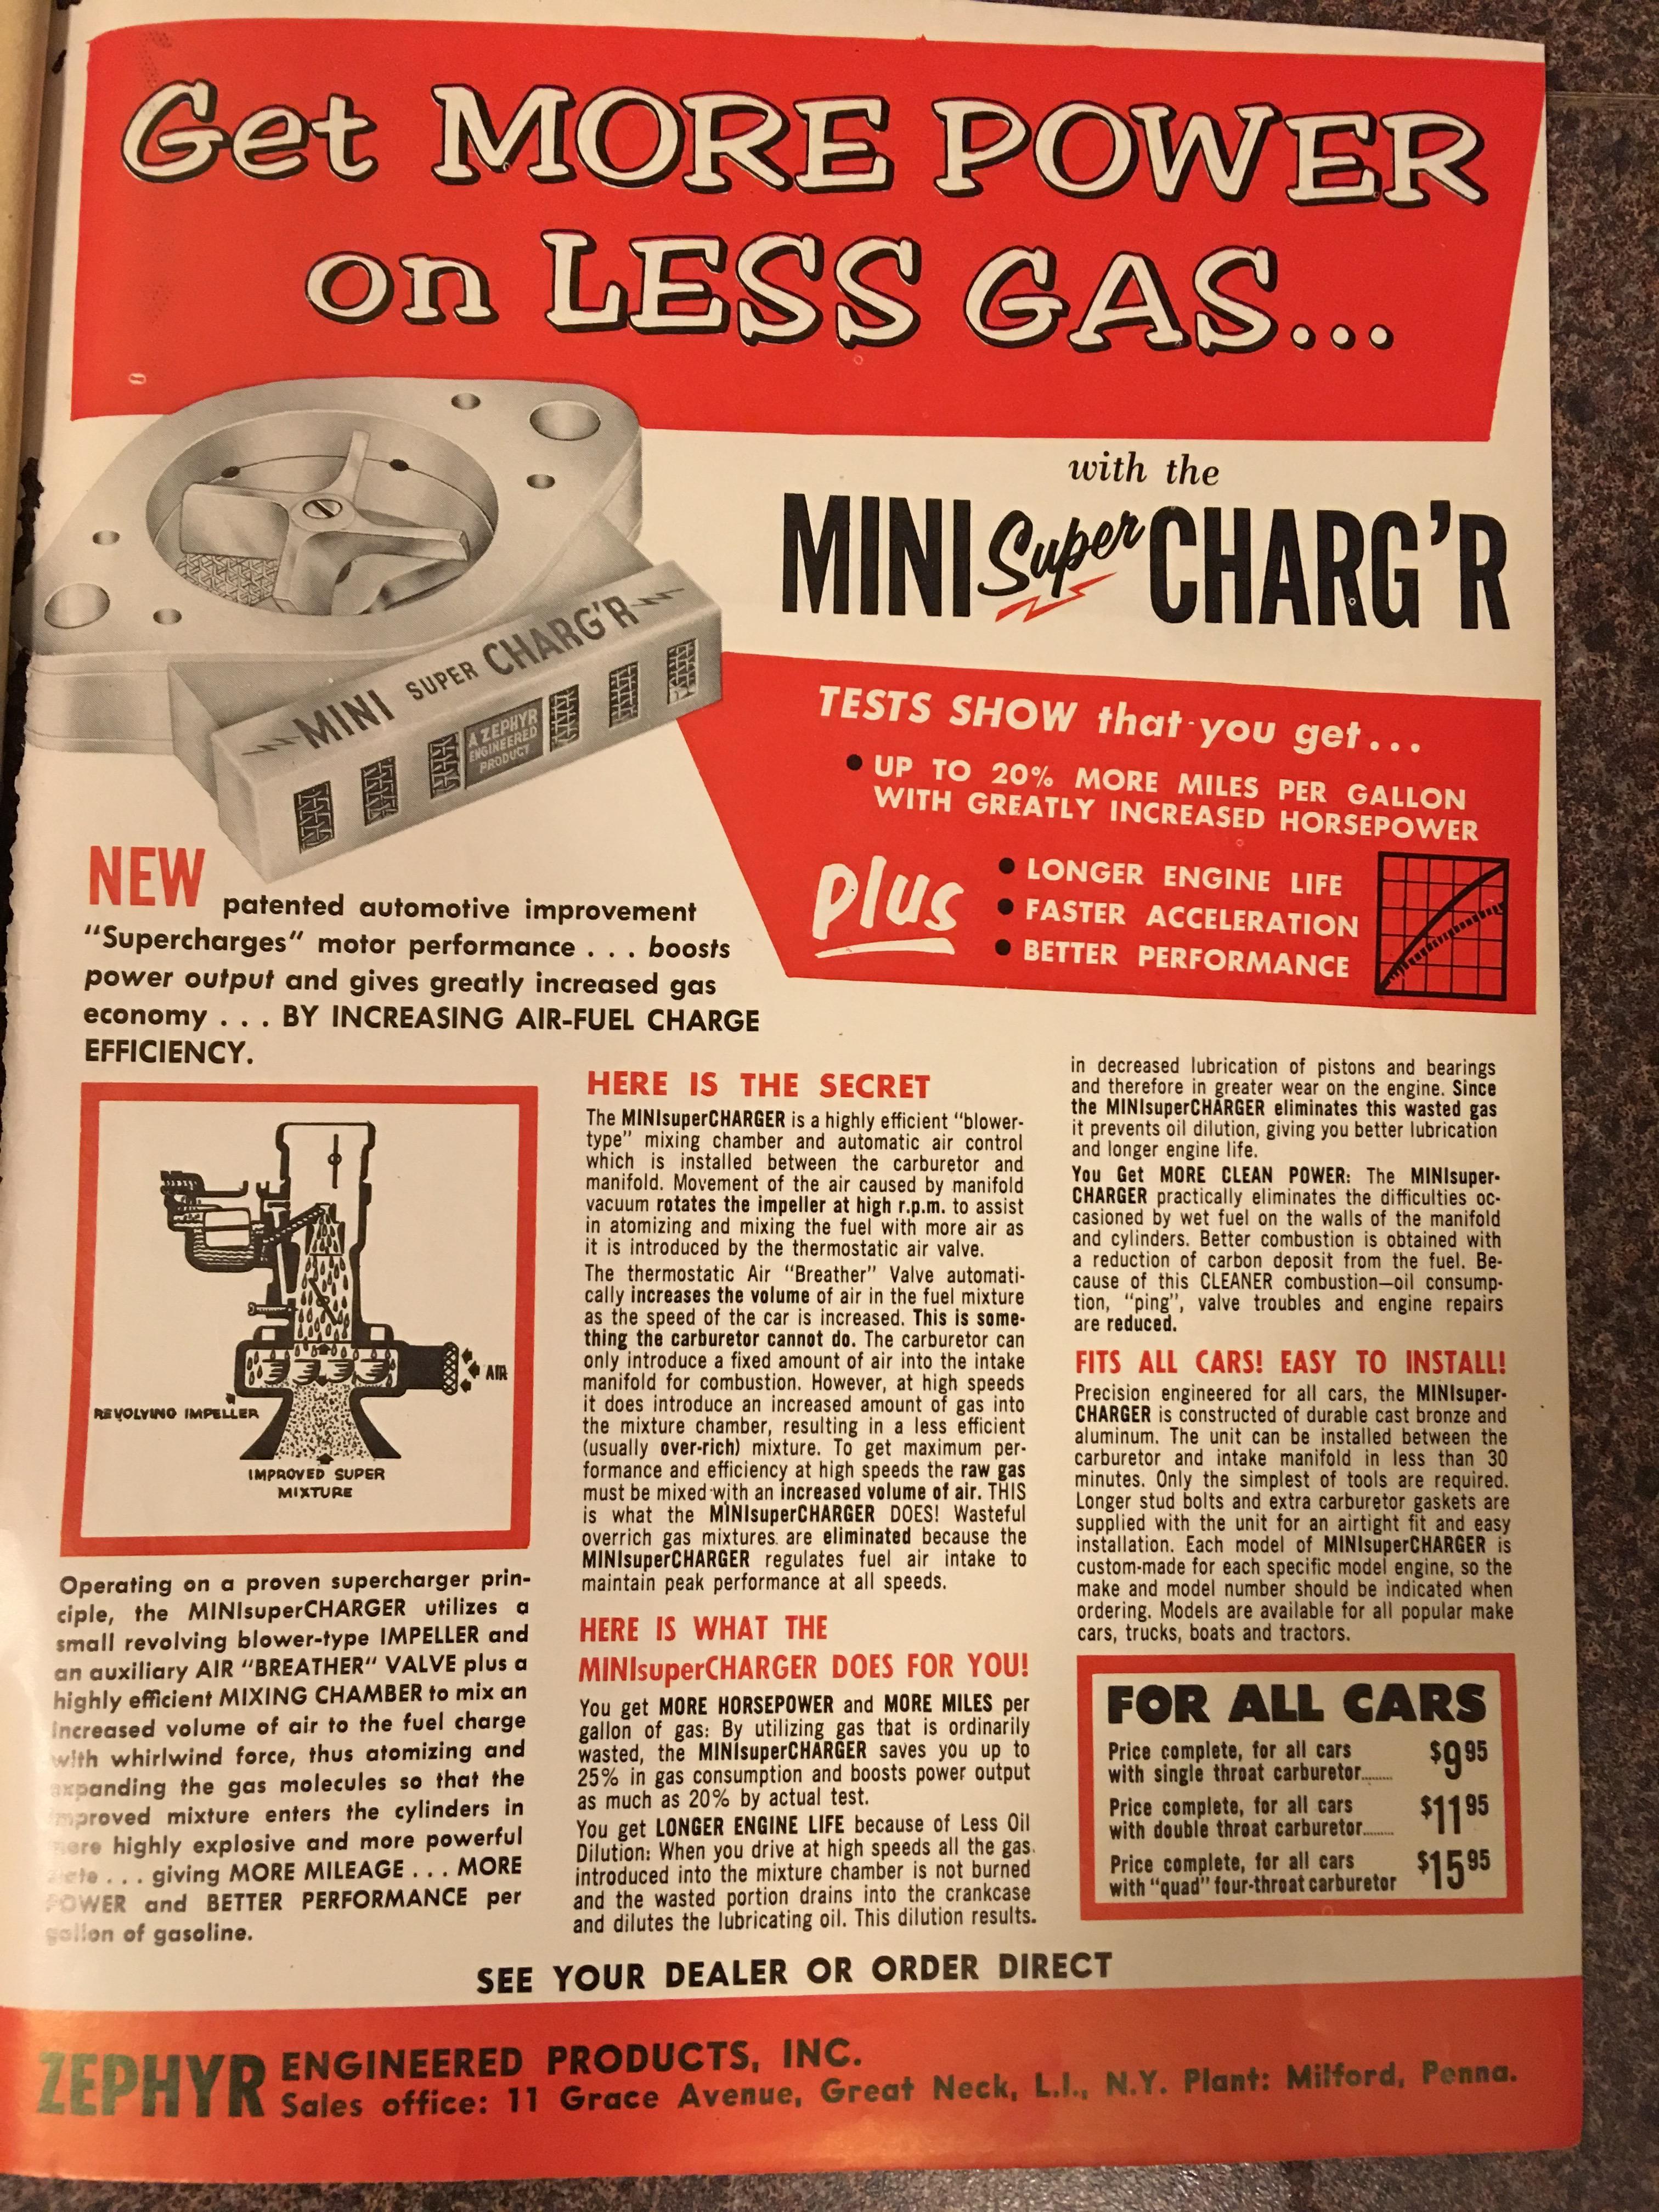 BangShift.com Zephyr Mini Super Charg'r